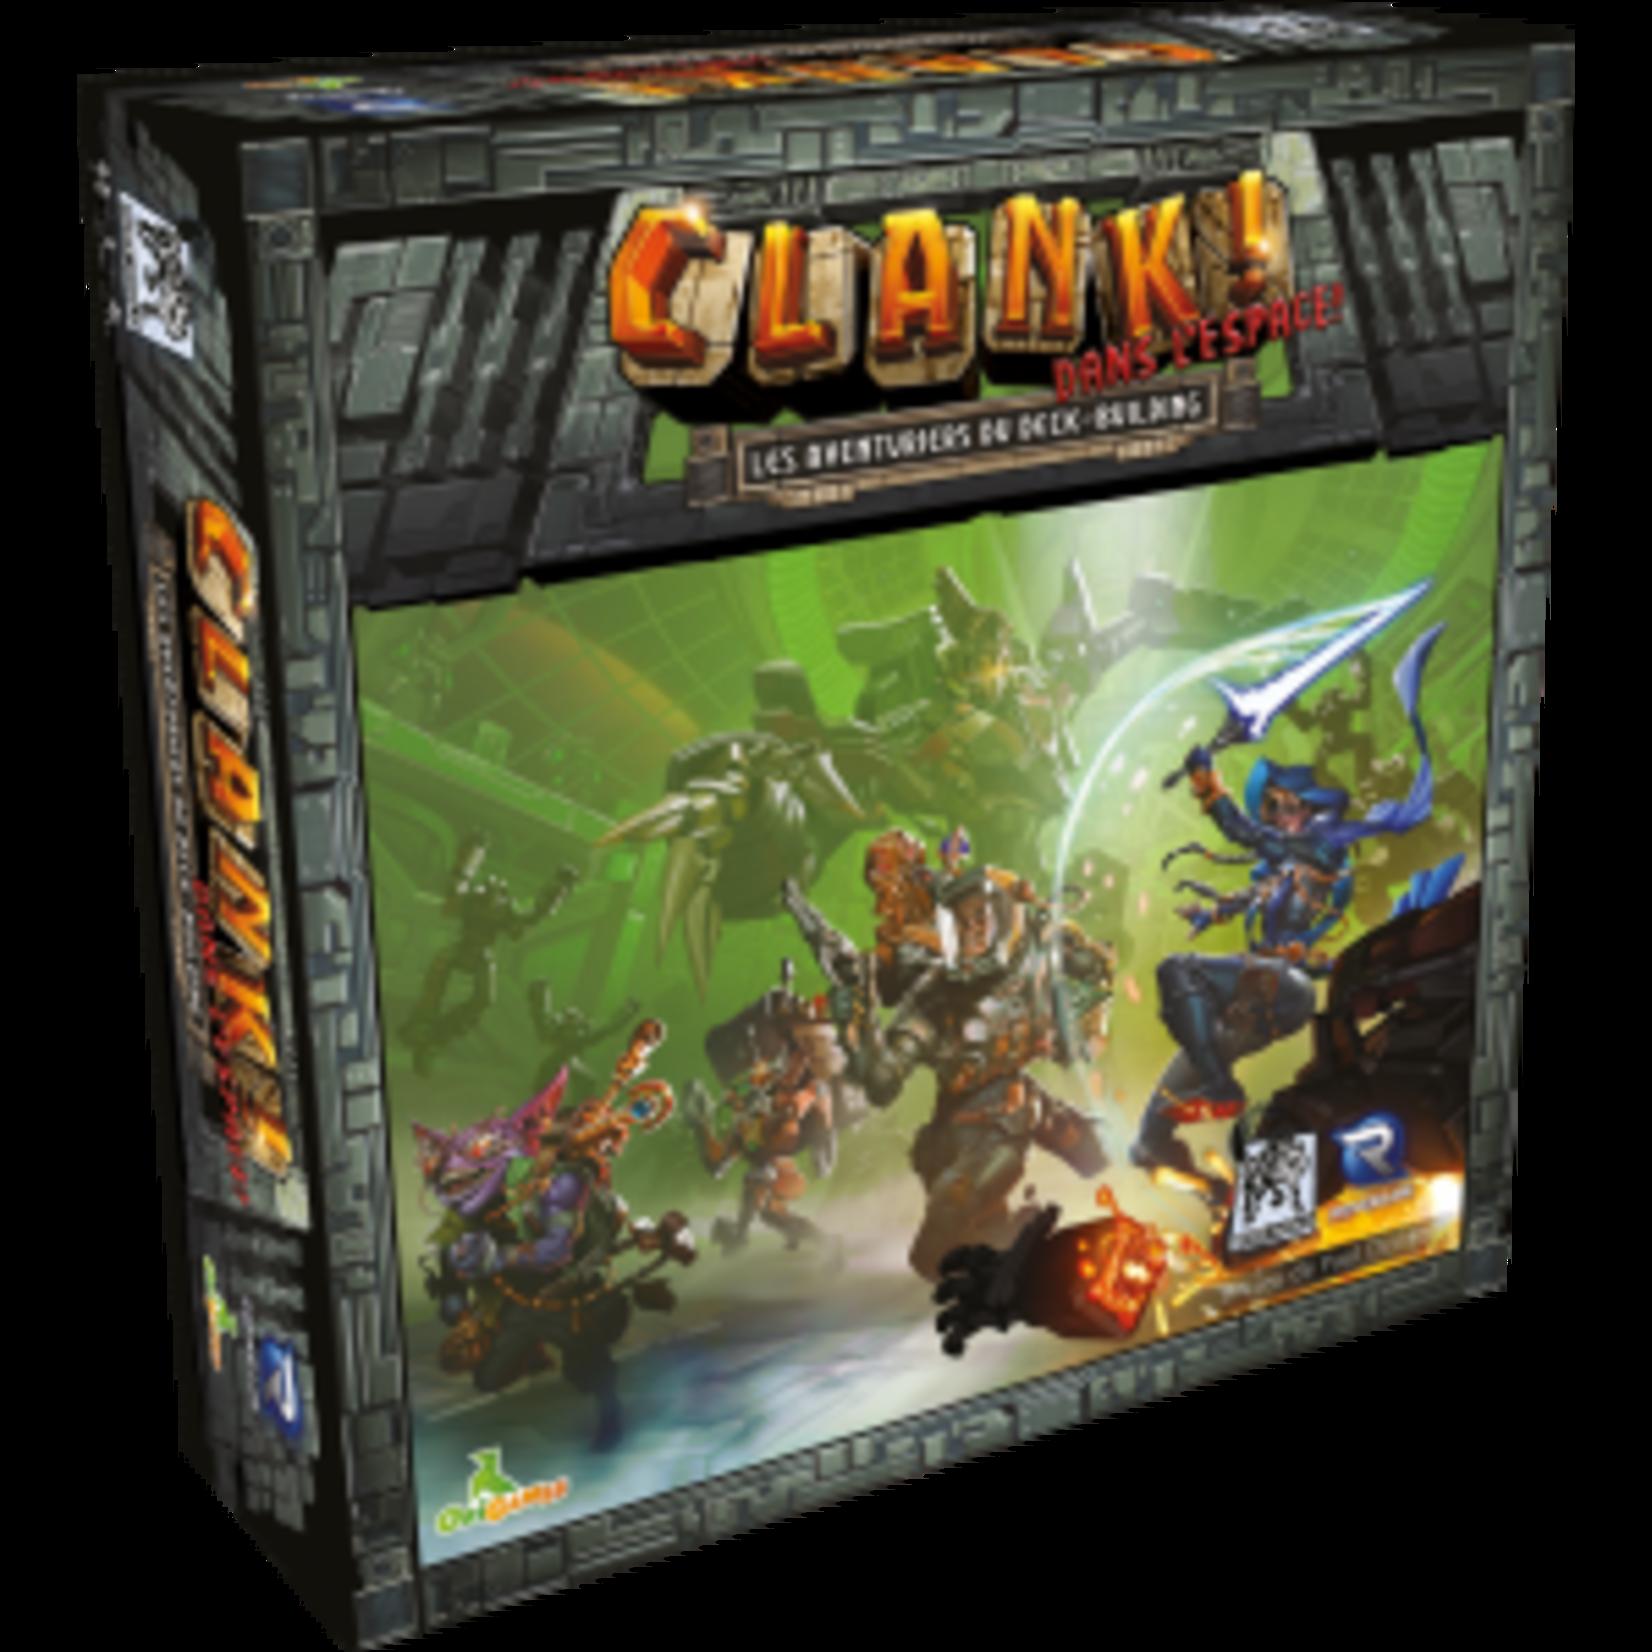 Origames Clank! Dans l'espace (Francais)